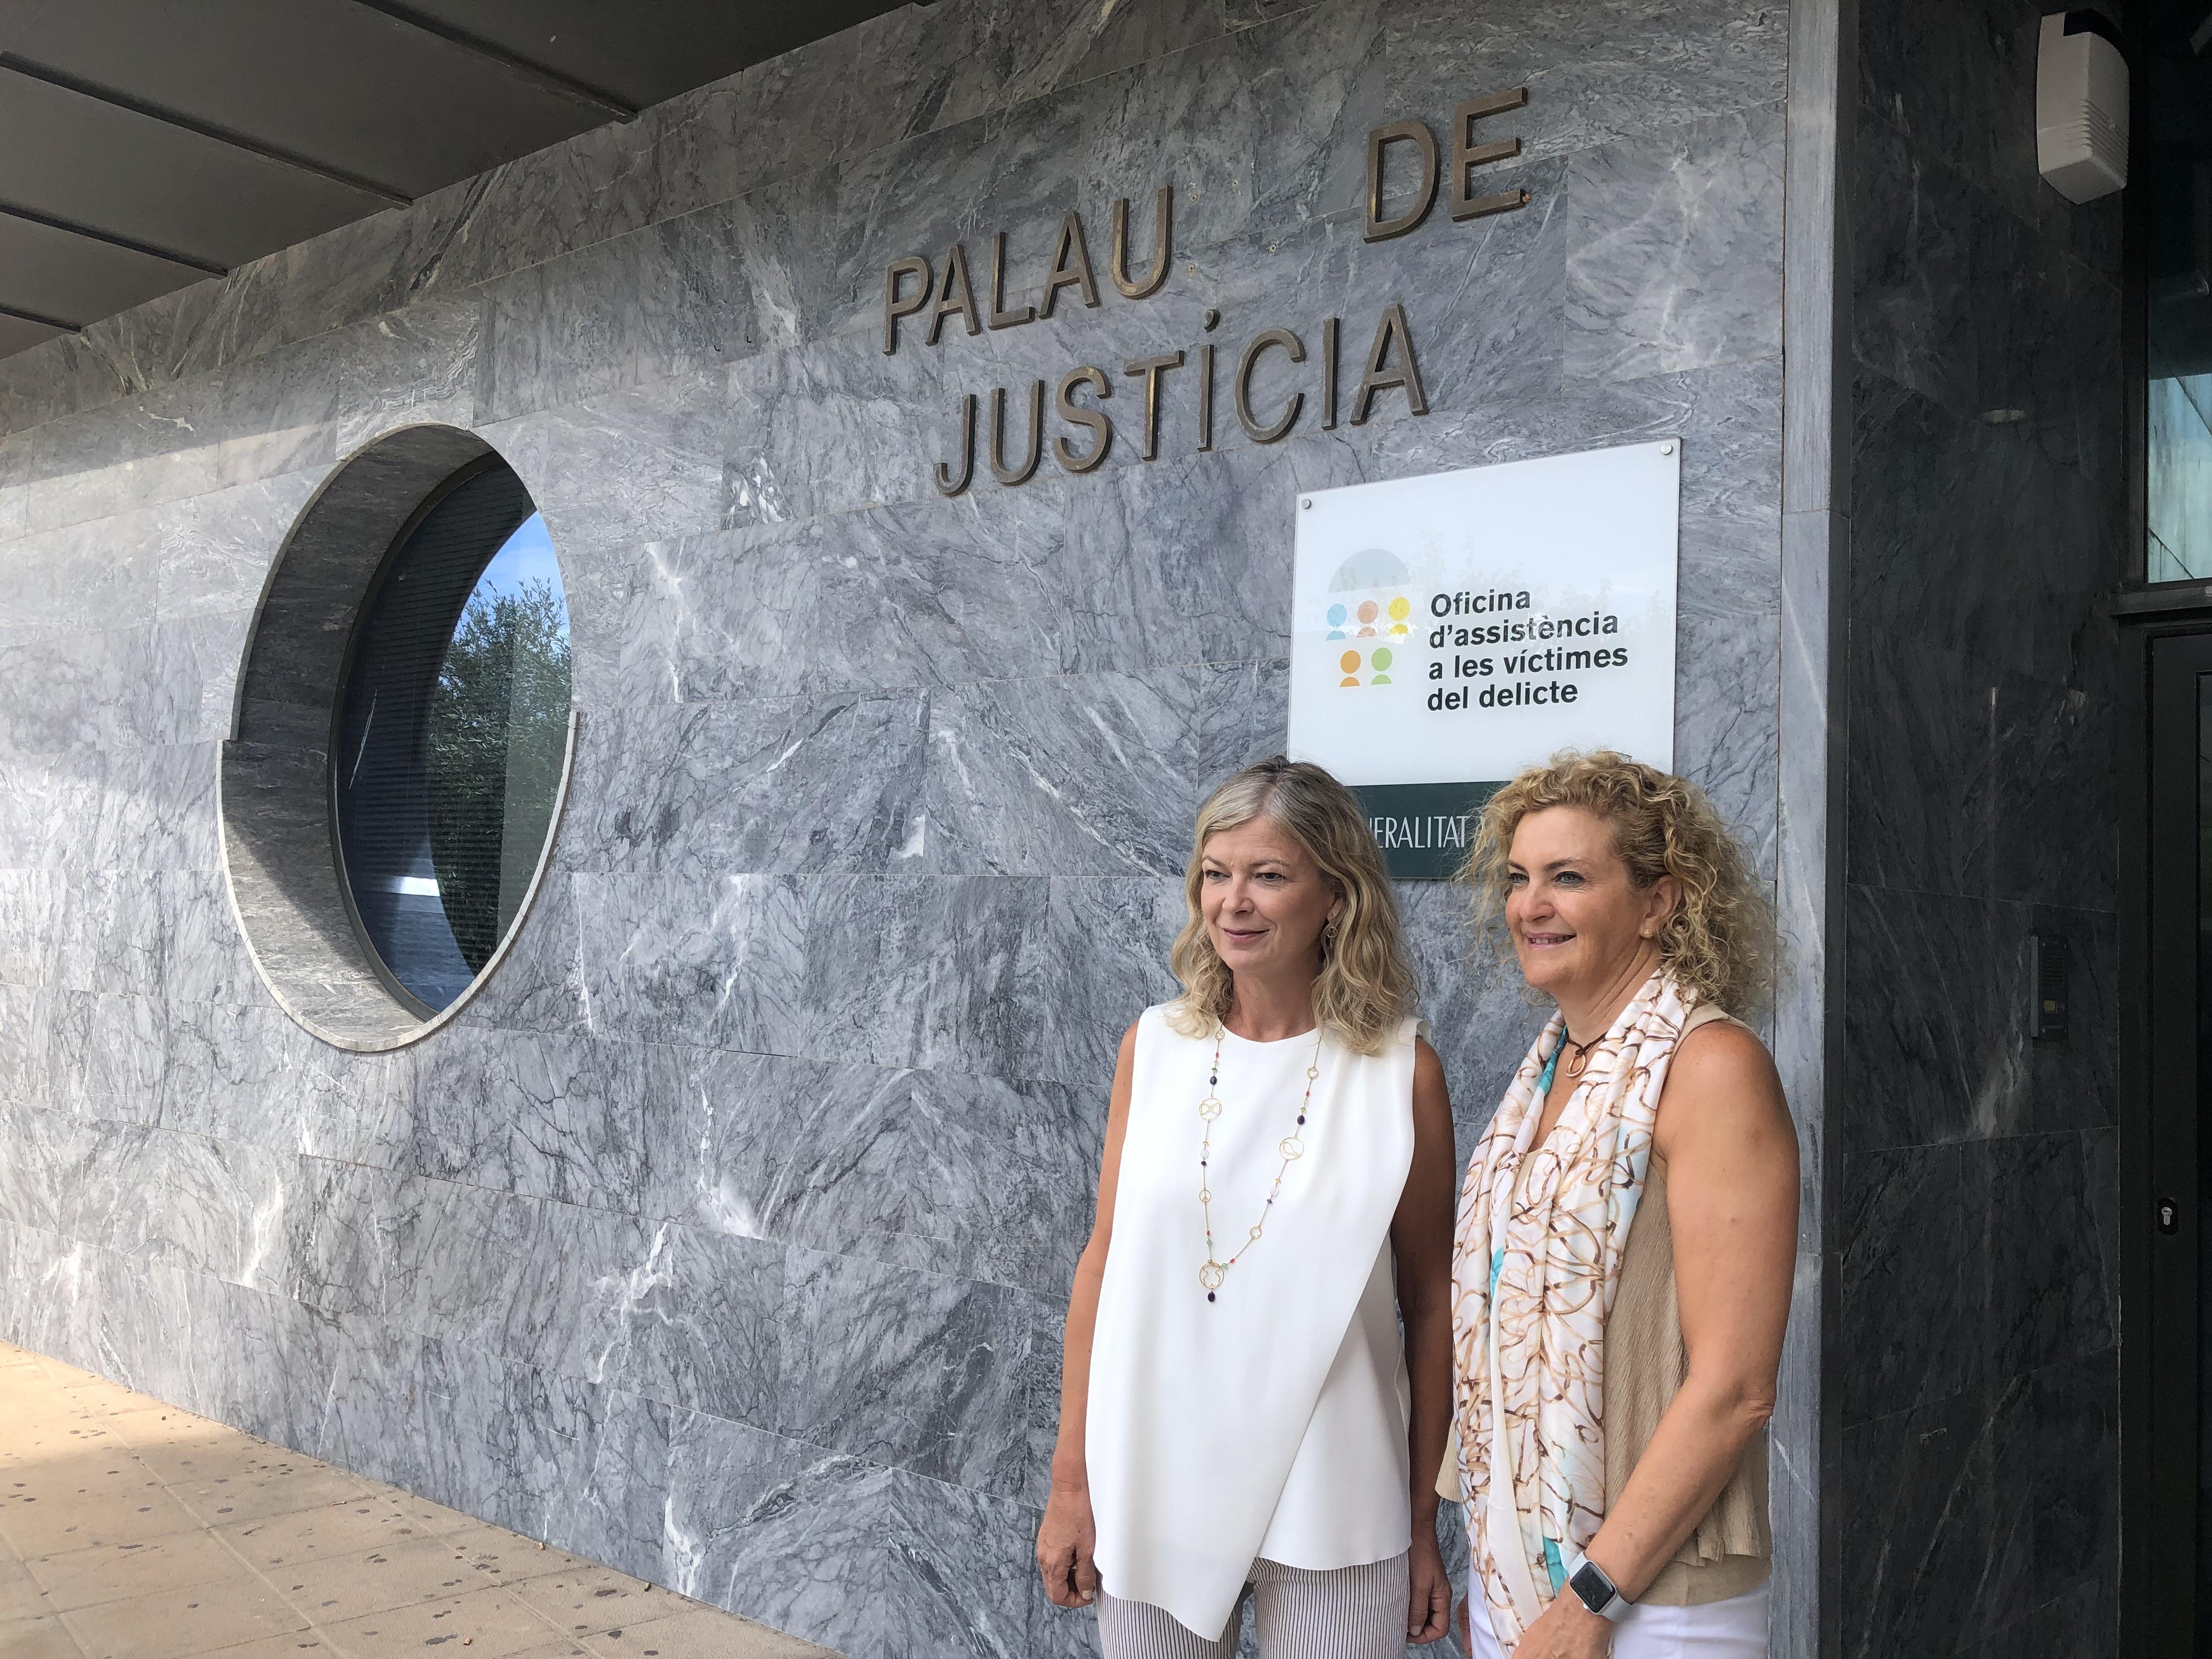 Bravo volverá a reclamar al Gobierno la creación de un nuevo juzgado de Primera Instancia para Dénia